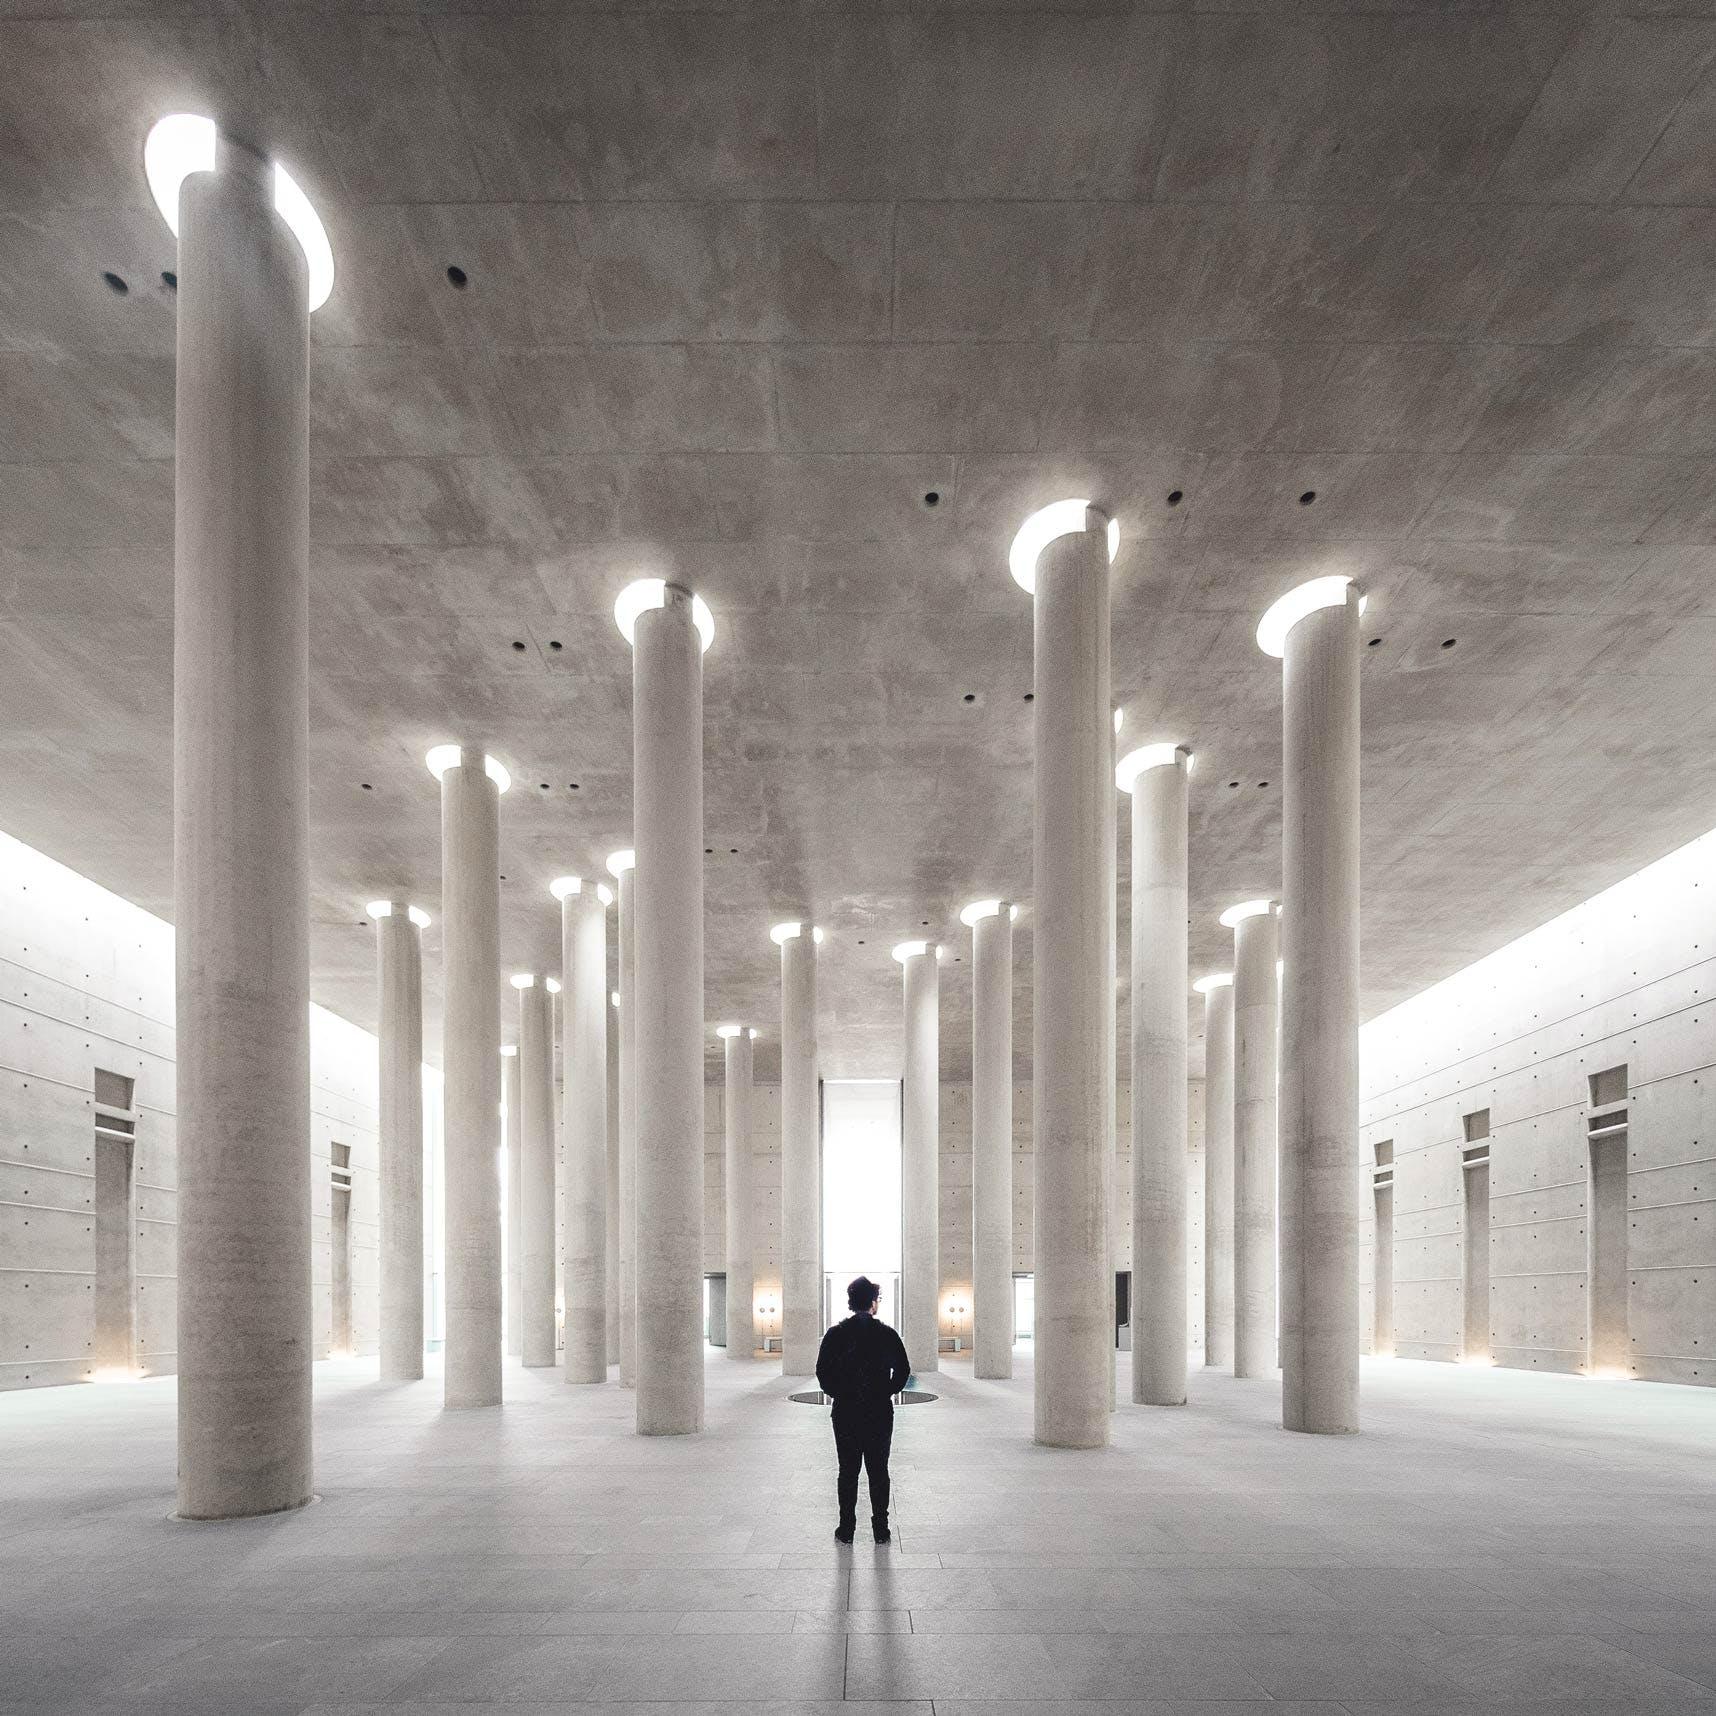 Columns in Krematorium Baumschulenweg Berlin